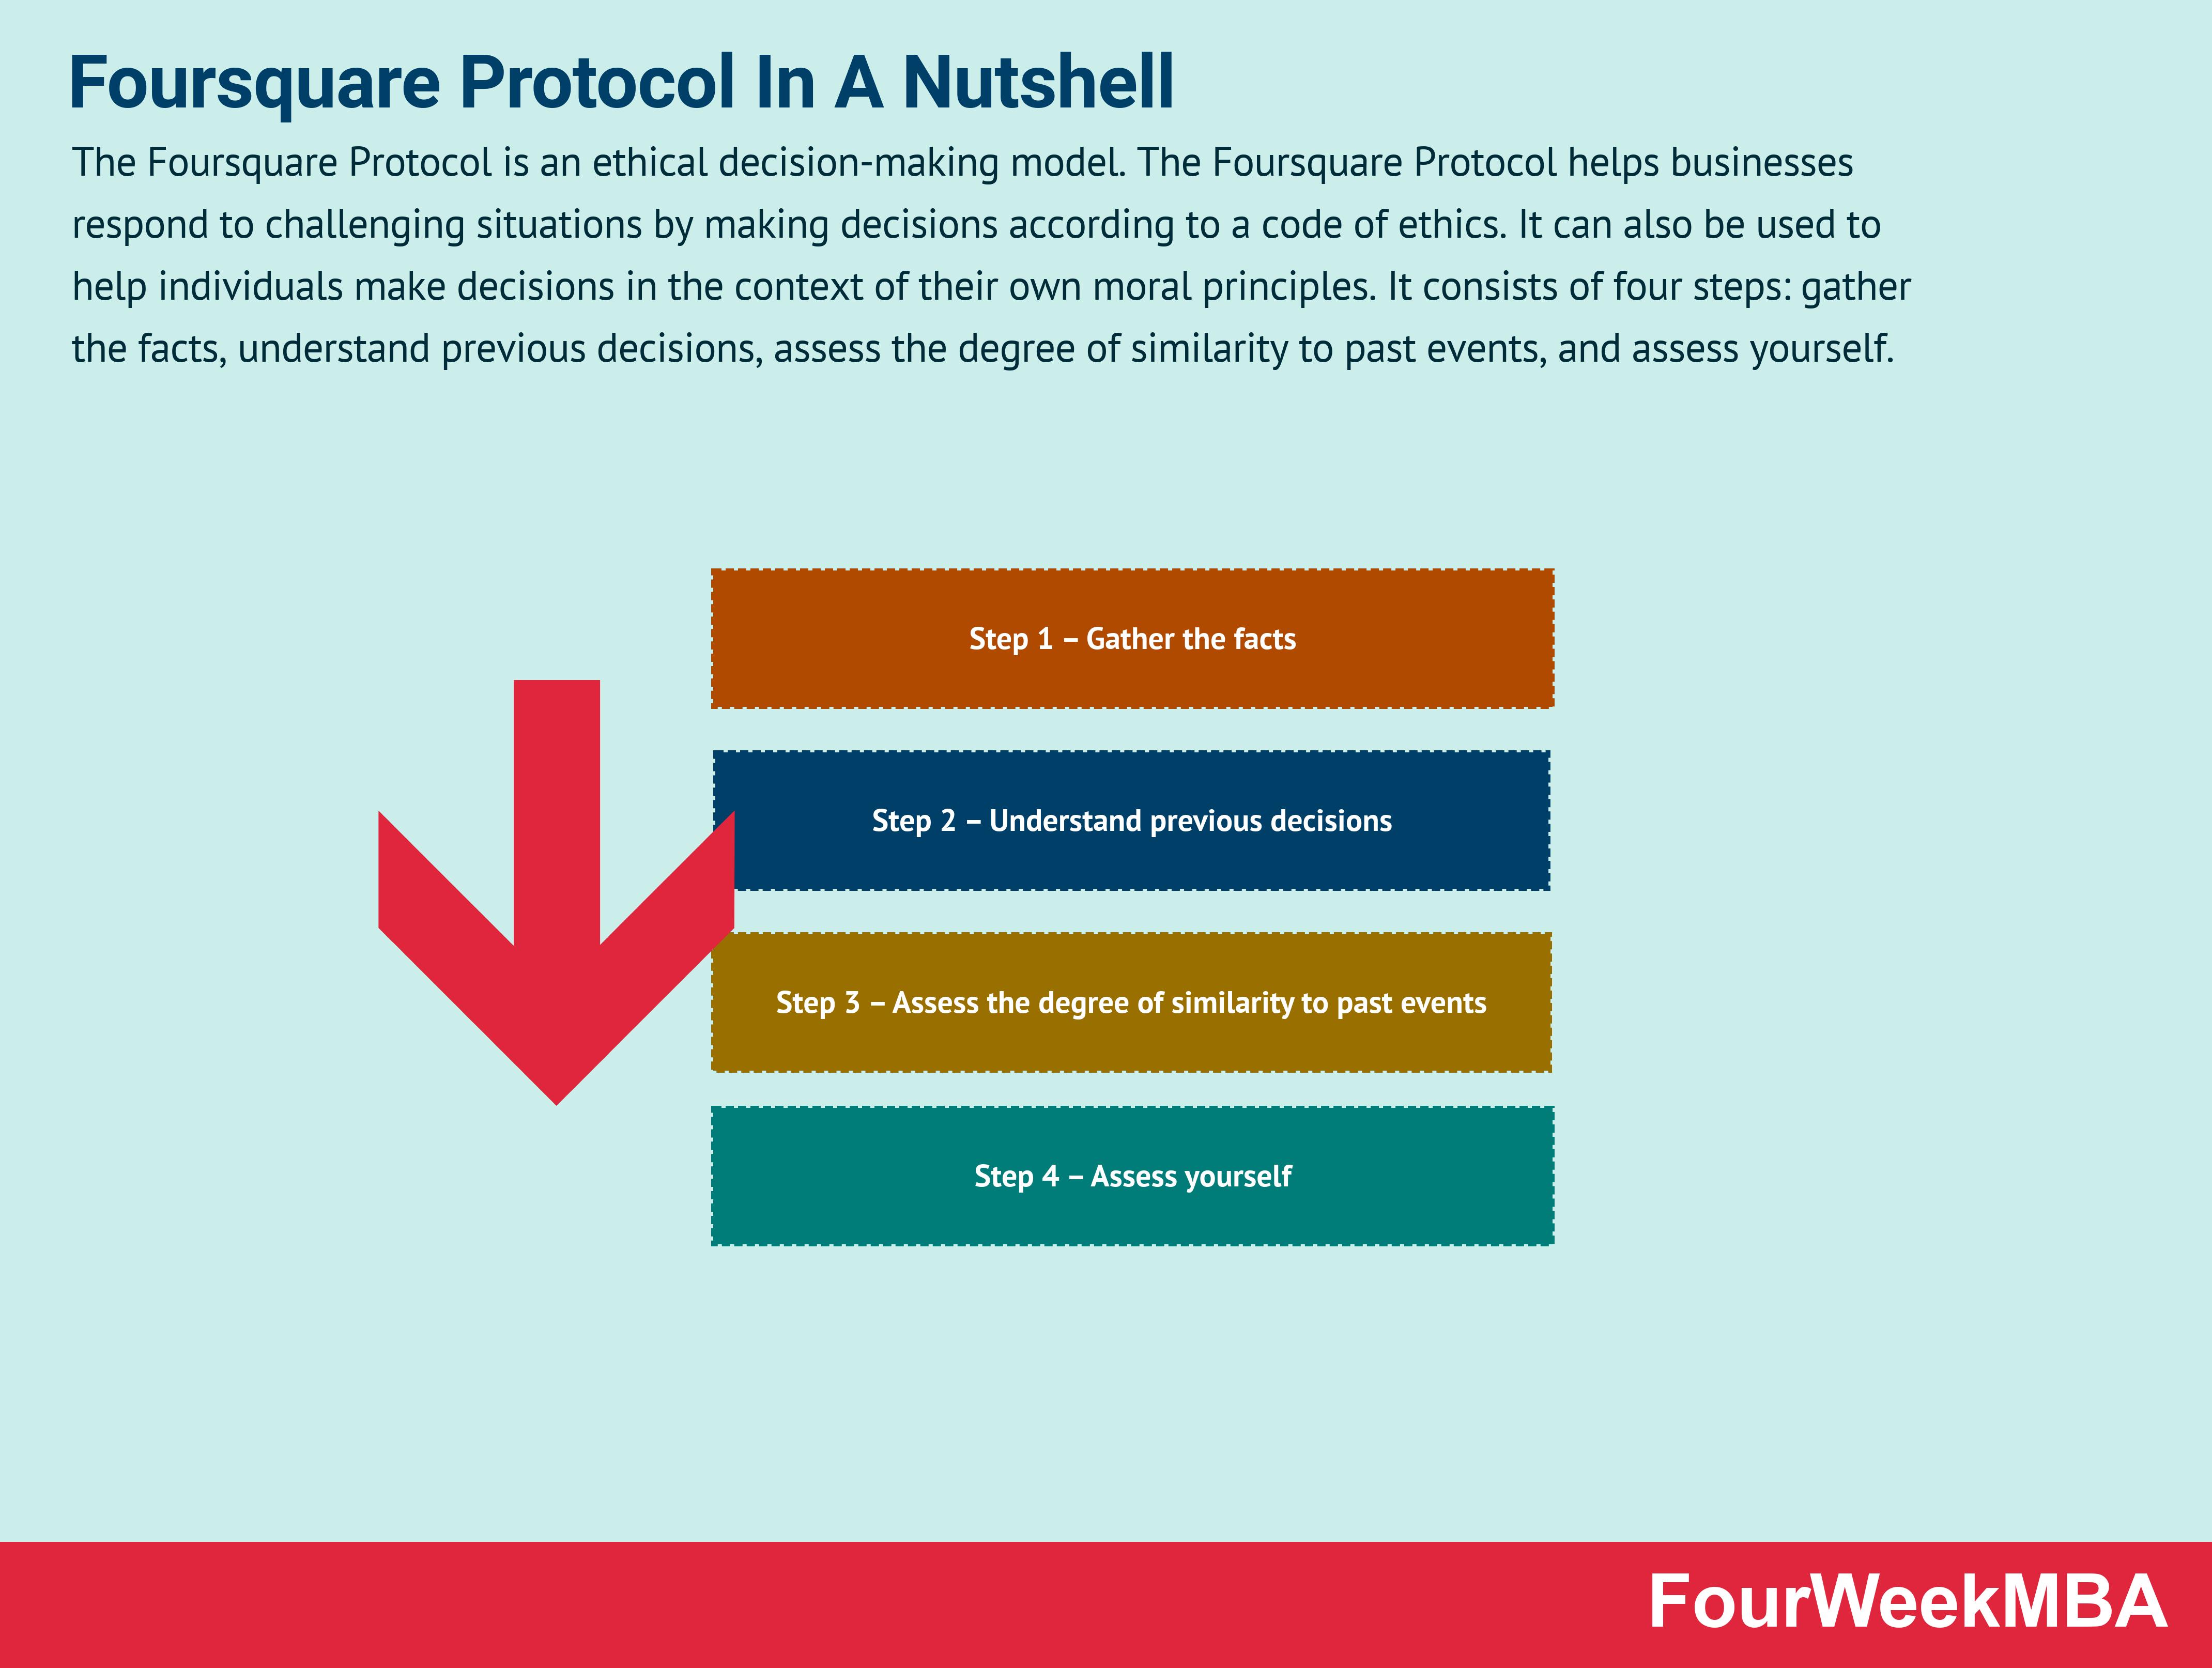 foursquare-protocol